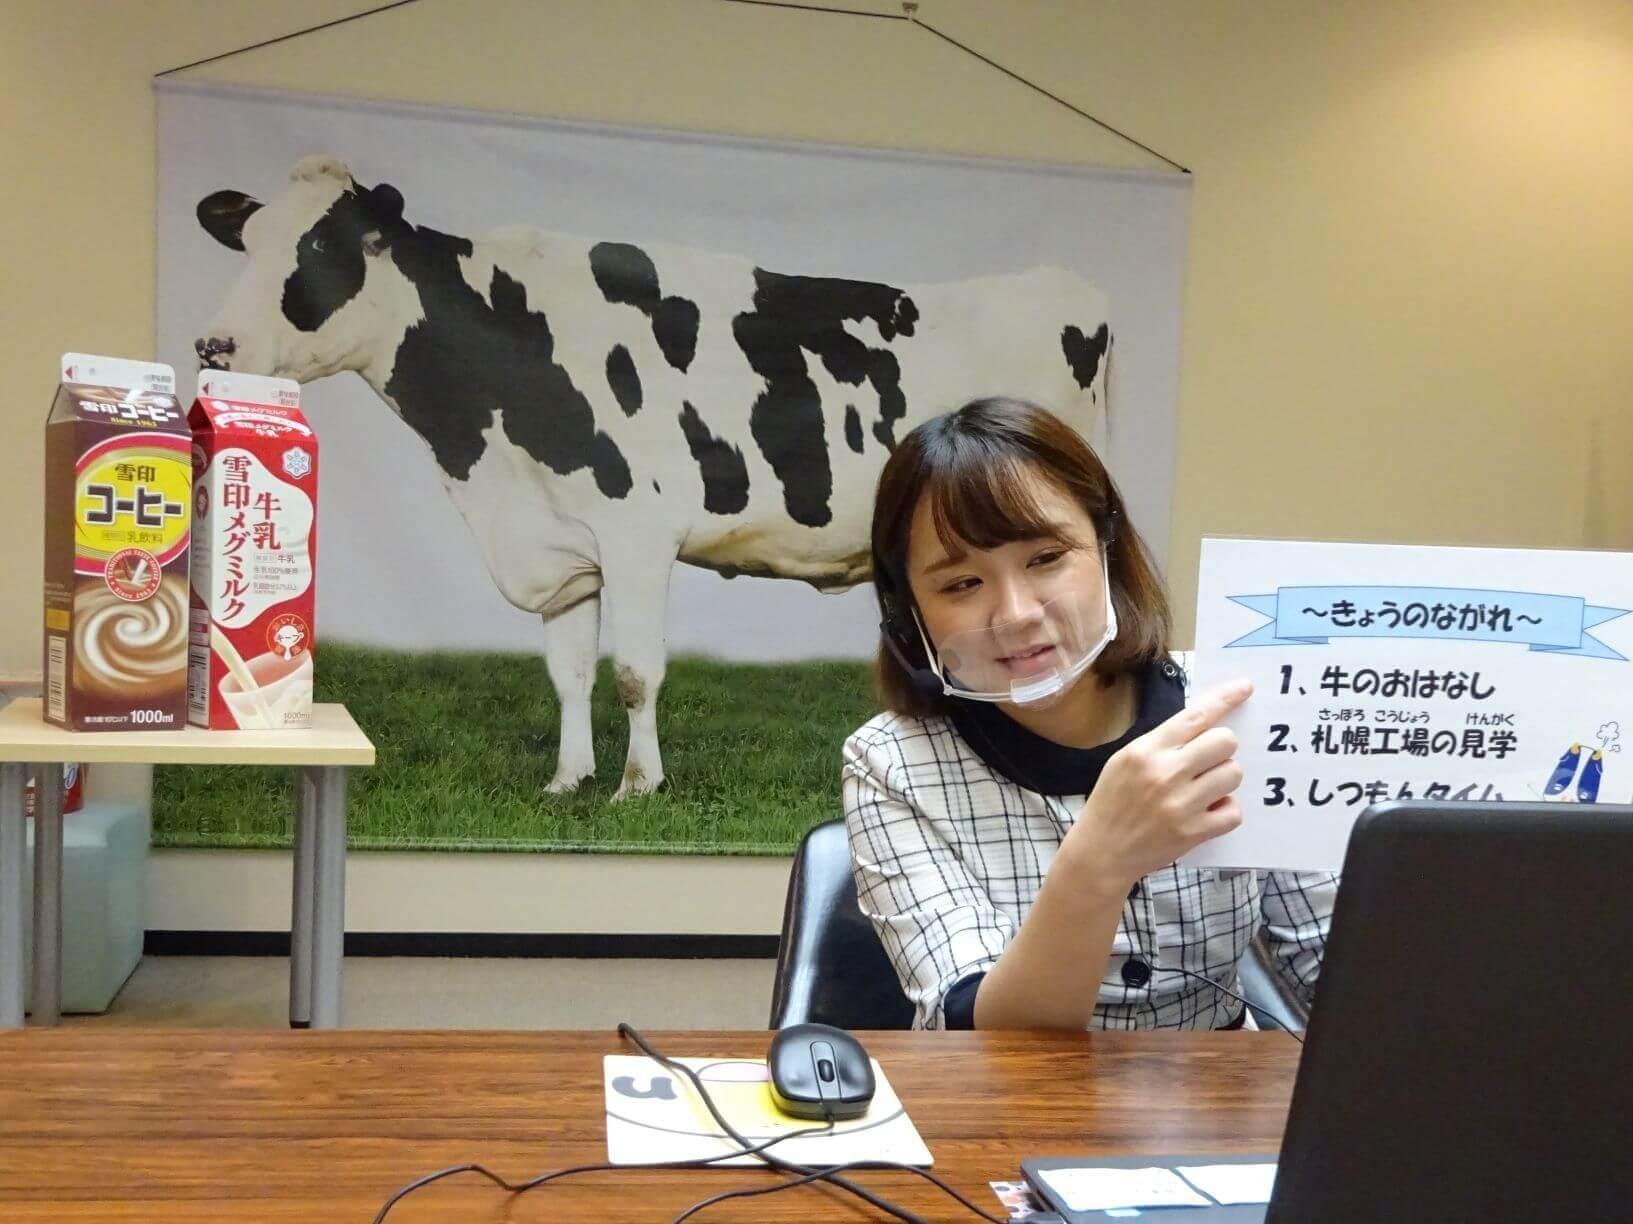 雪印メグミルクのオンライン工場見学-小学校団体向け オンライン工場見学